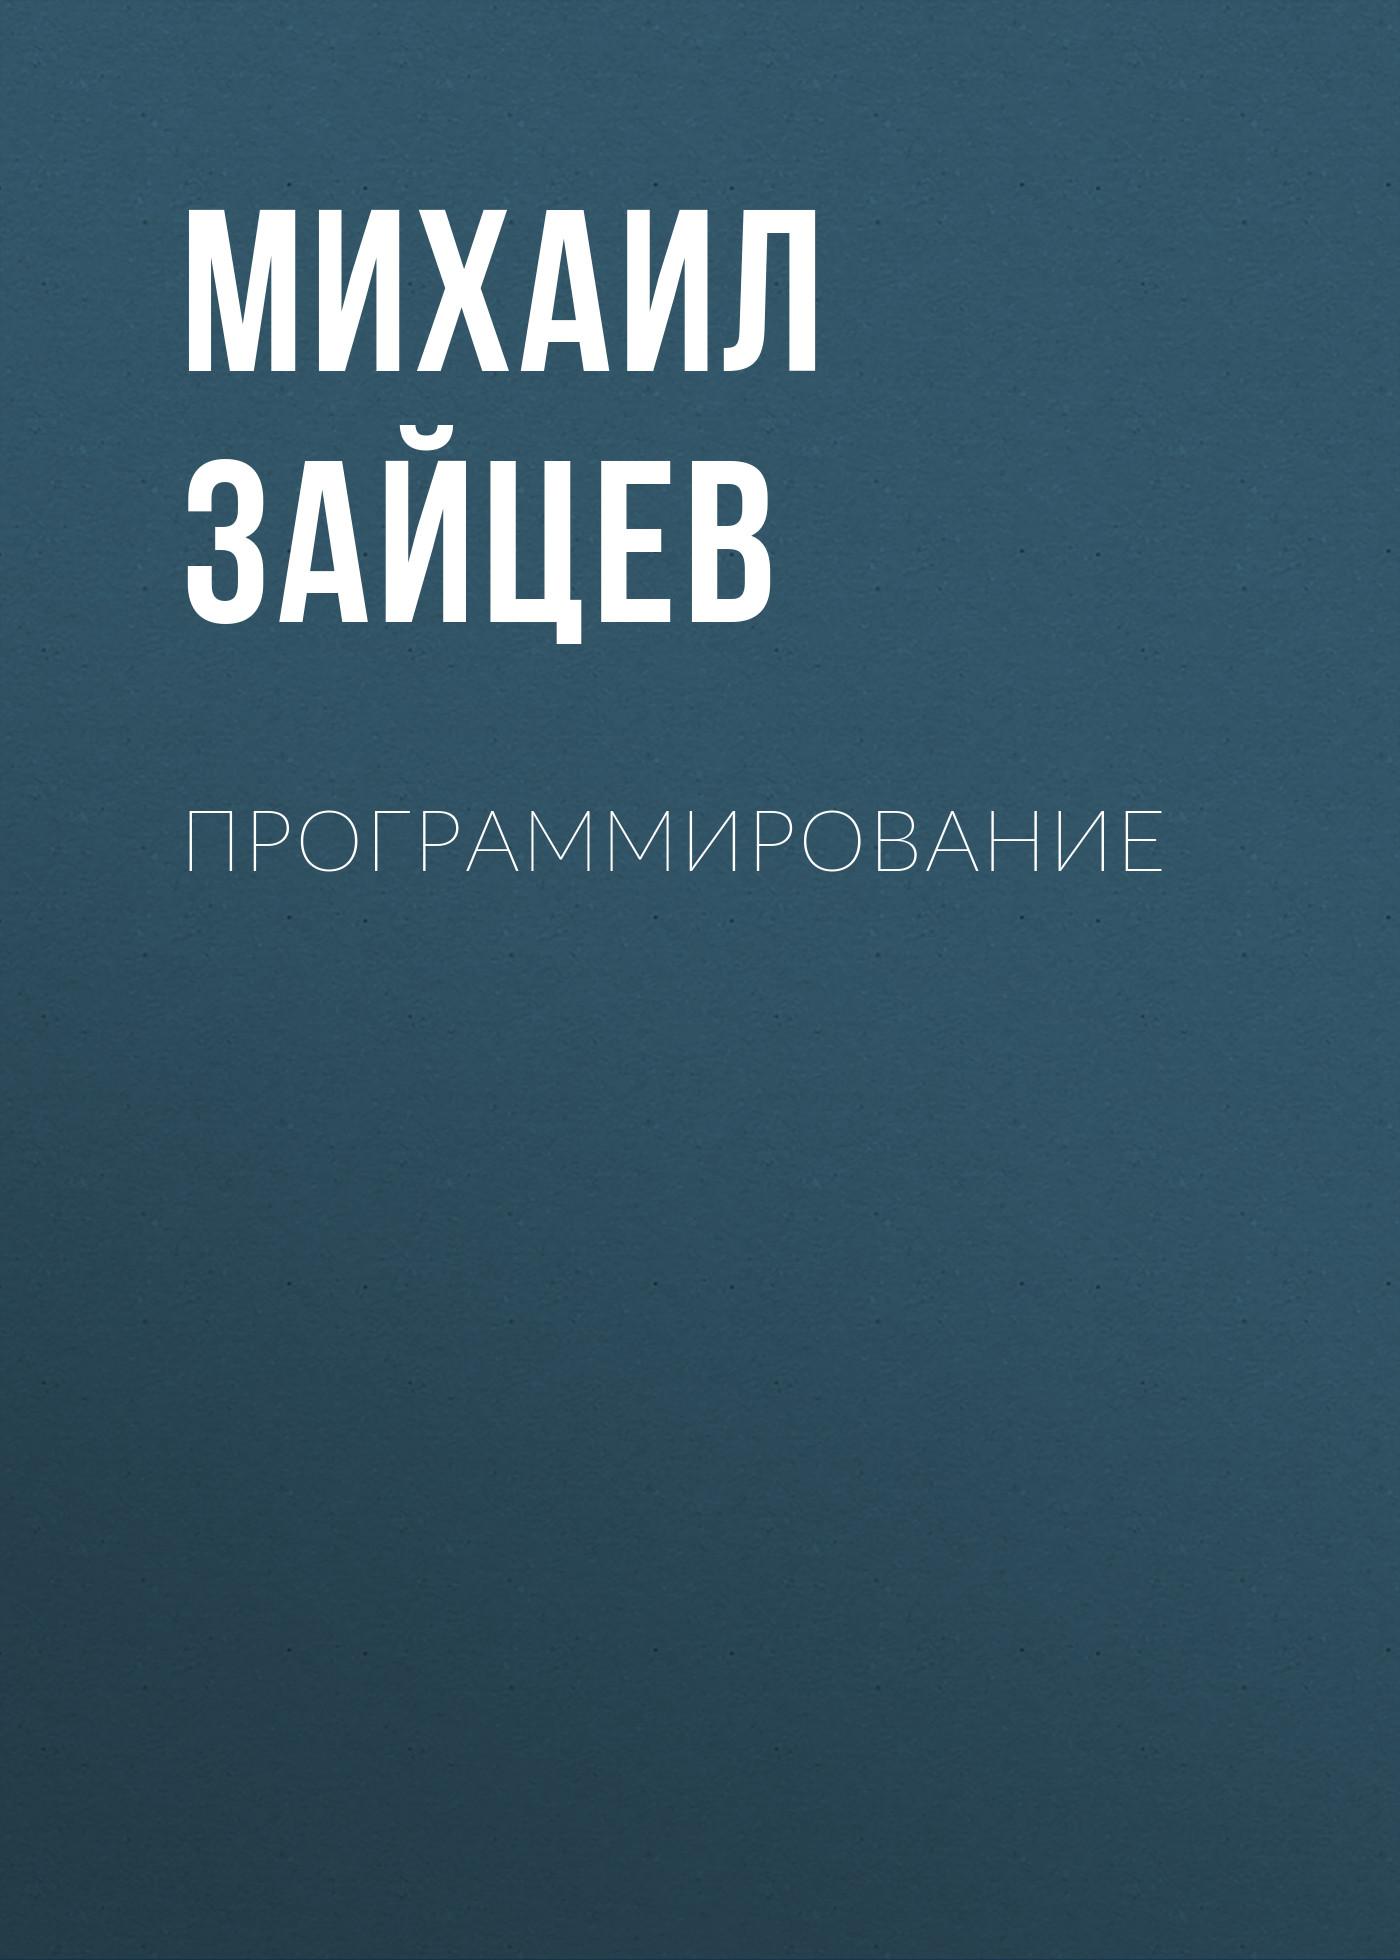 Михаил Зайцев Программирование михаил зайцев объектно ориентированный анализ и программирование